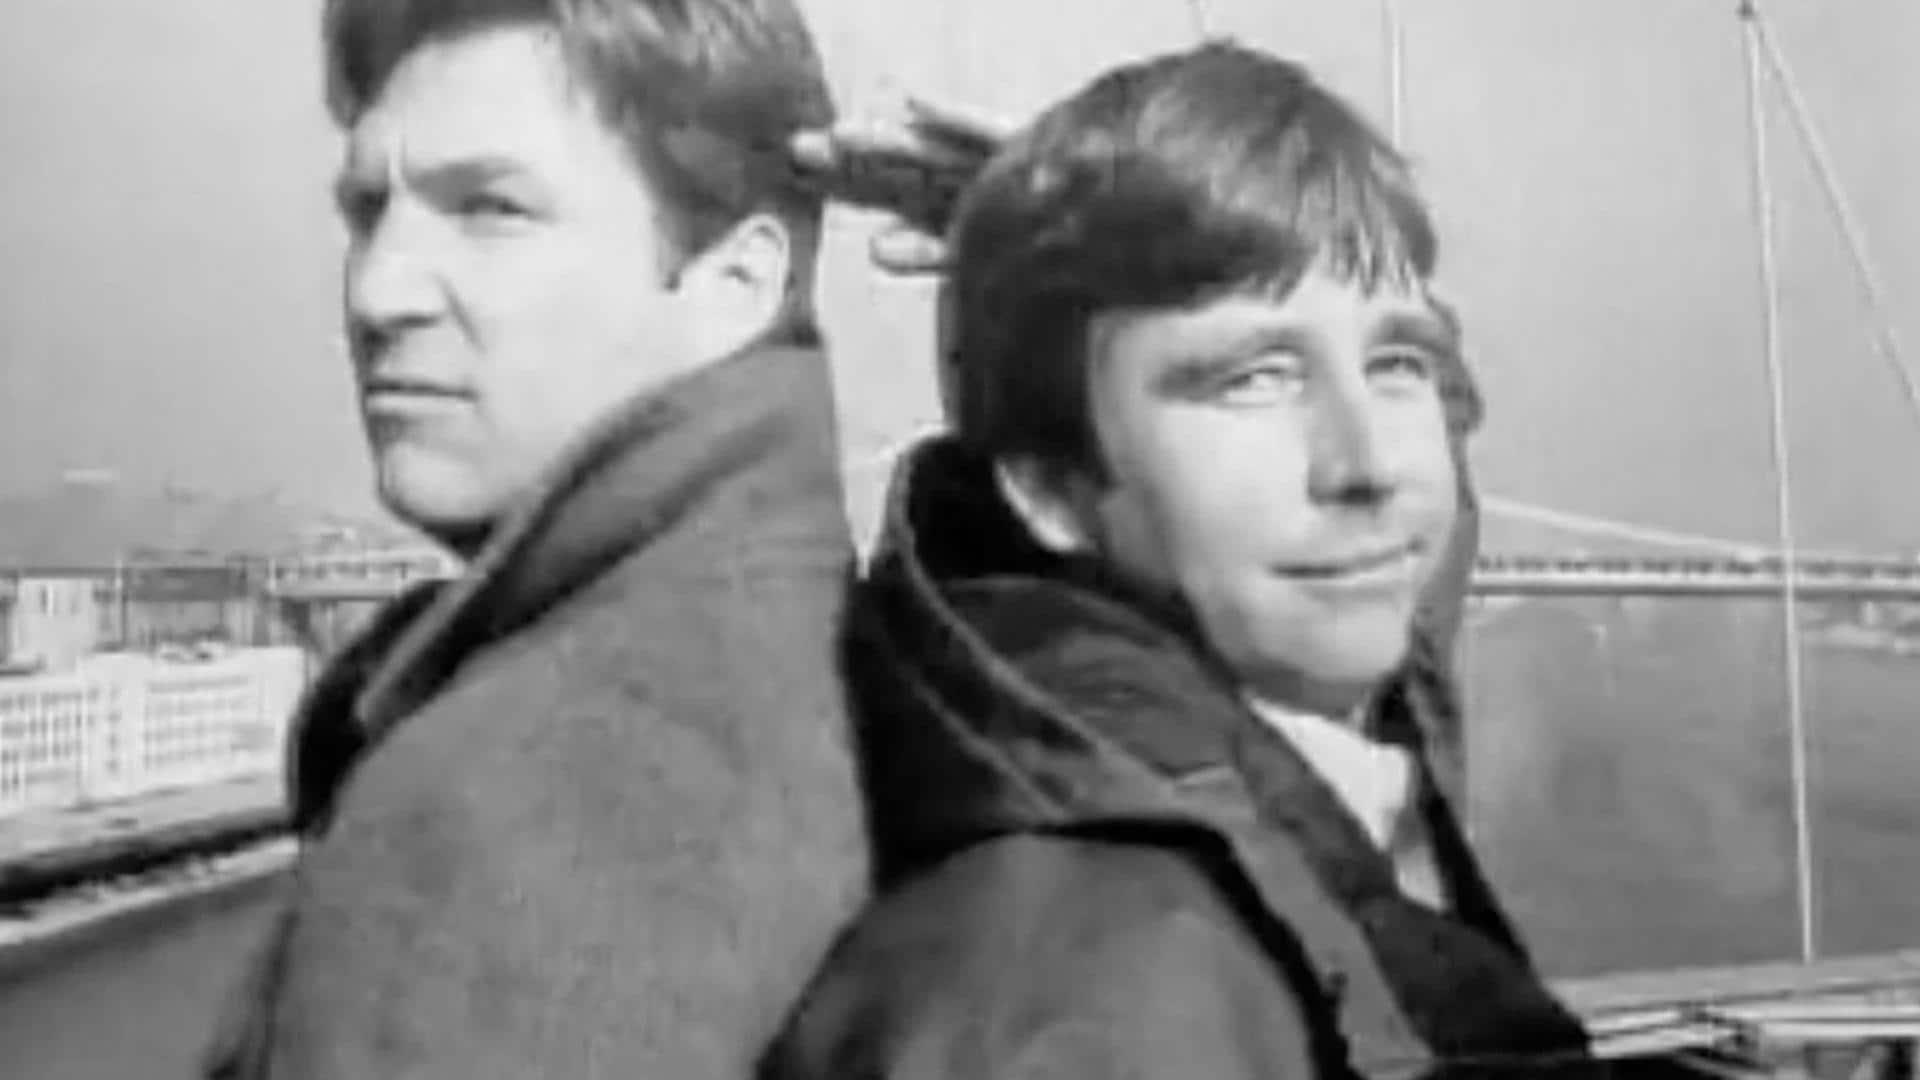 Beau and Jeff Bridges: February 26, 1983